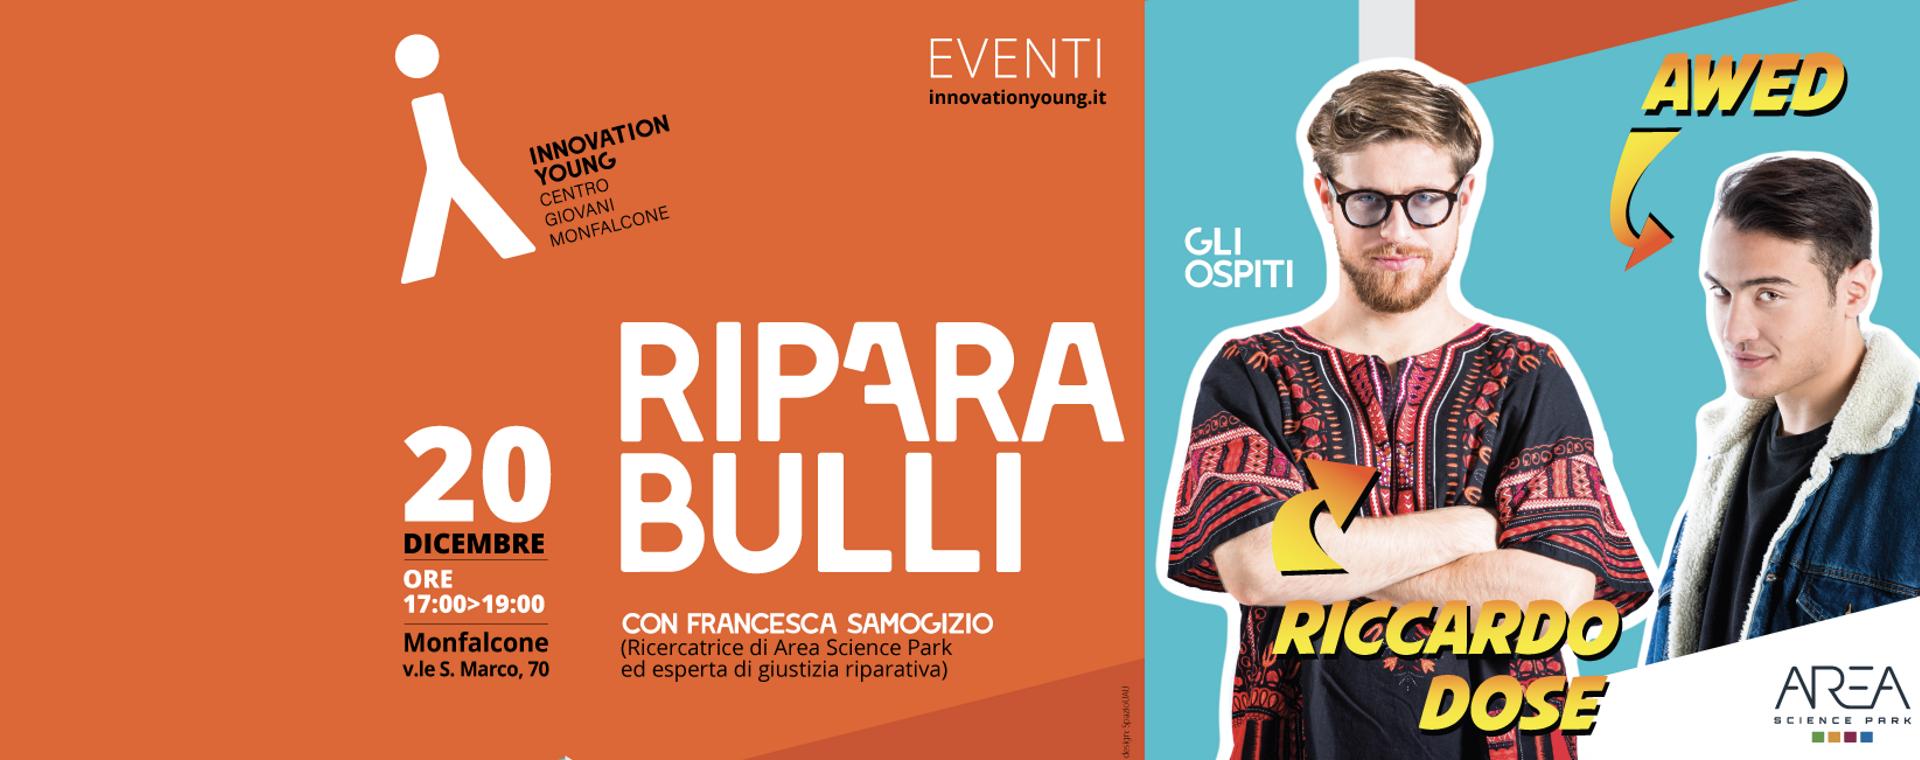 Immagine: #Riparabulli